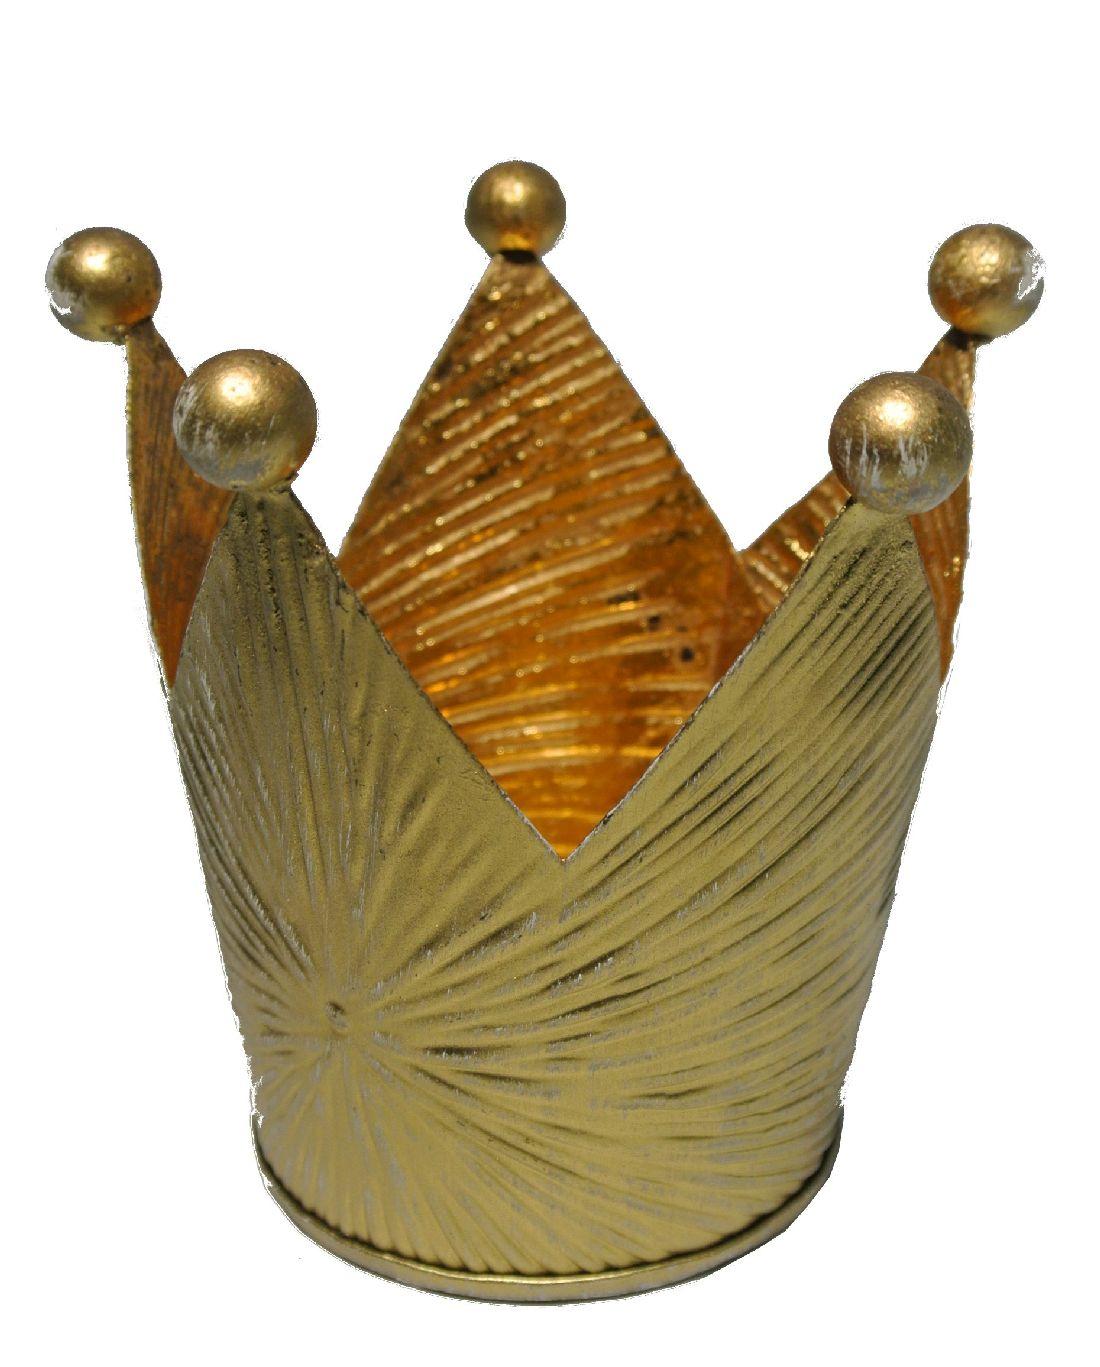 Krone gold Metall stabile Qualität Øoben 8cm H9,5cm Øunten6cm